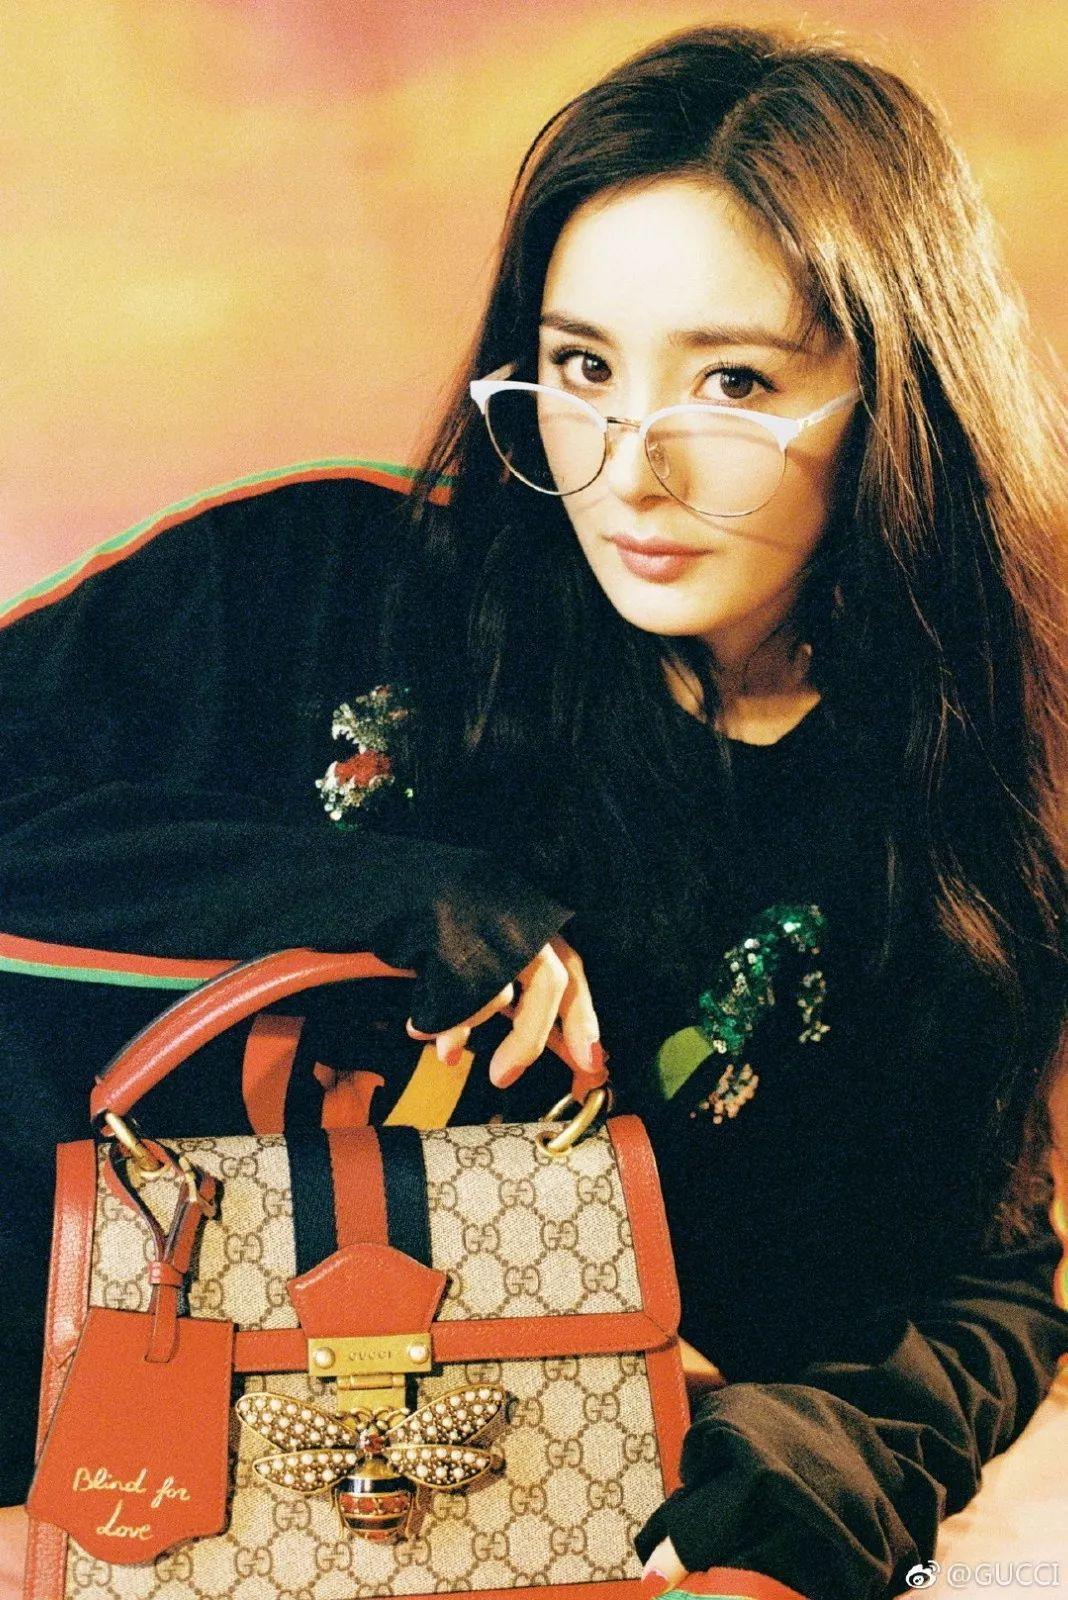 Dương Mịch xuất hiện trong chiến dịch quảng cáo của Gucci